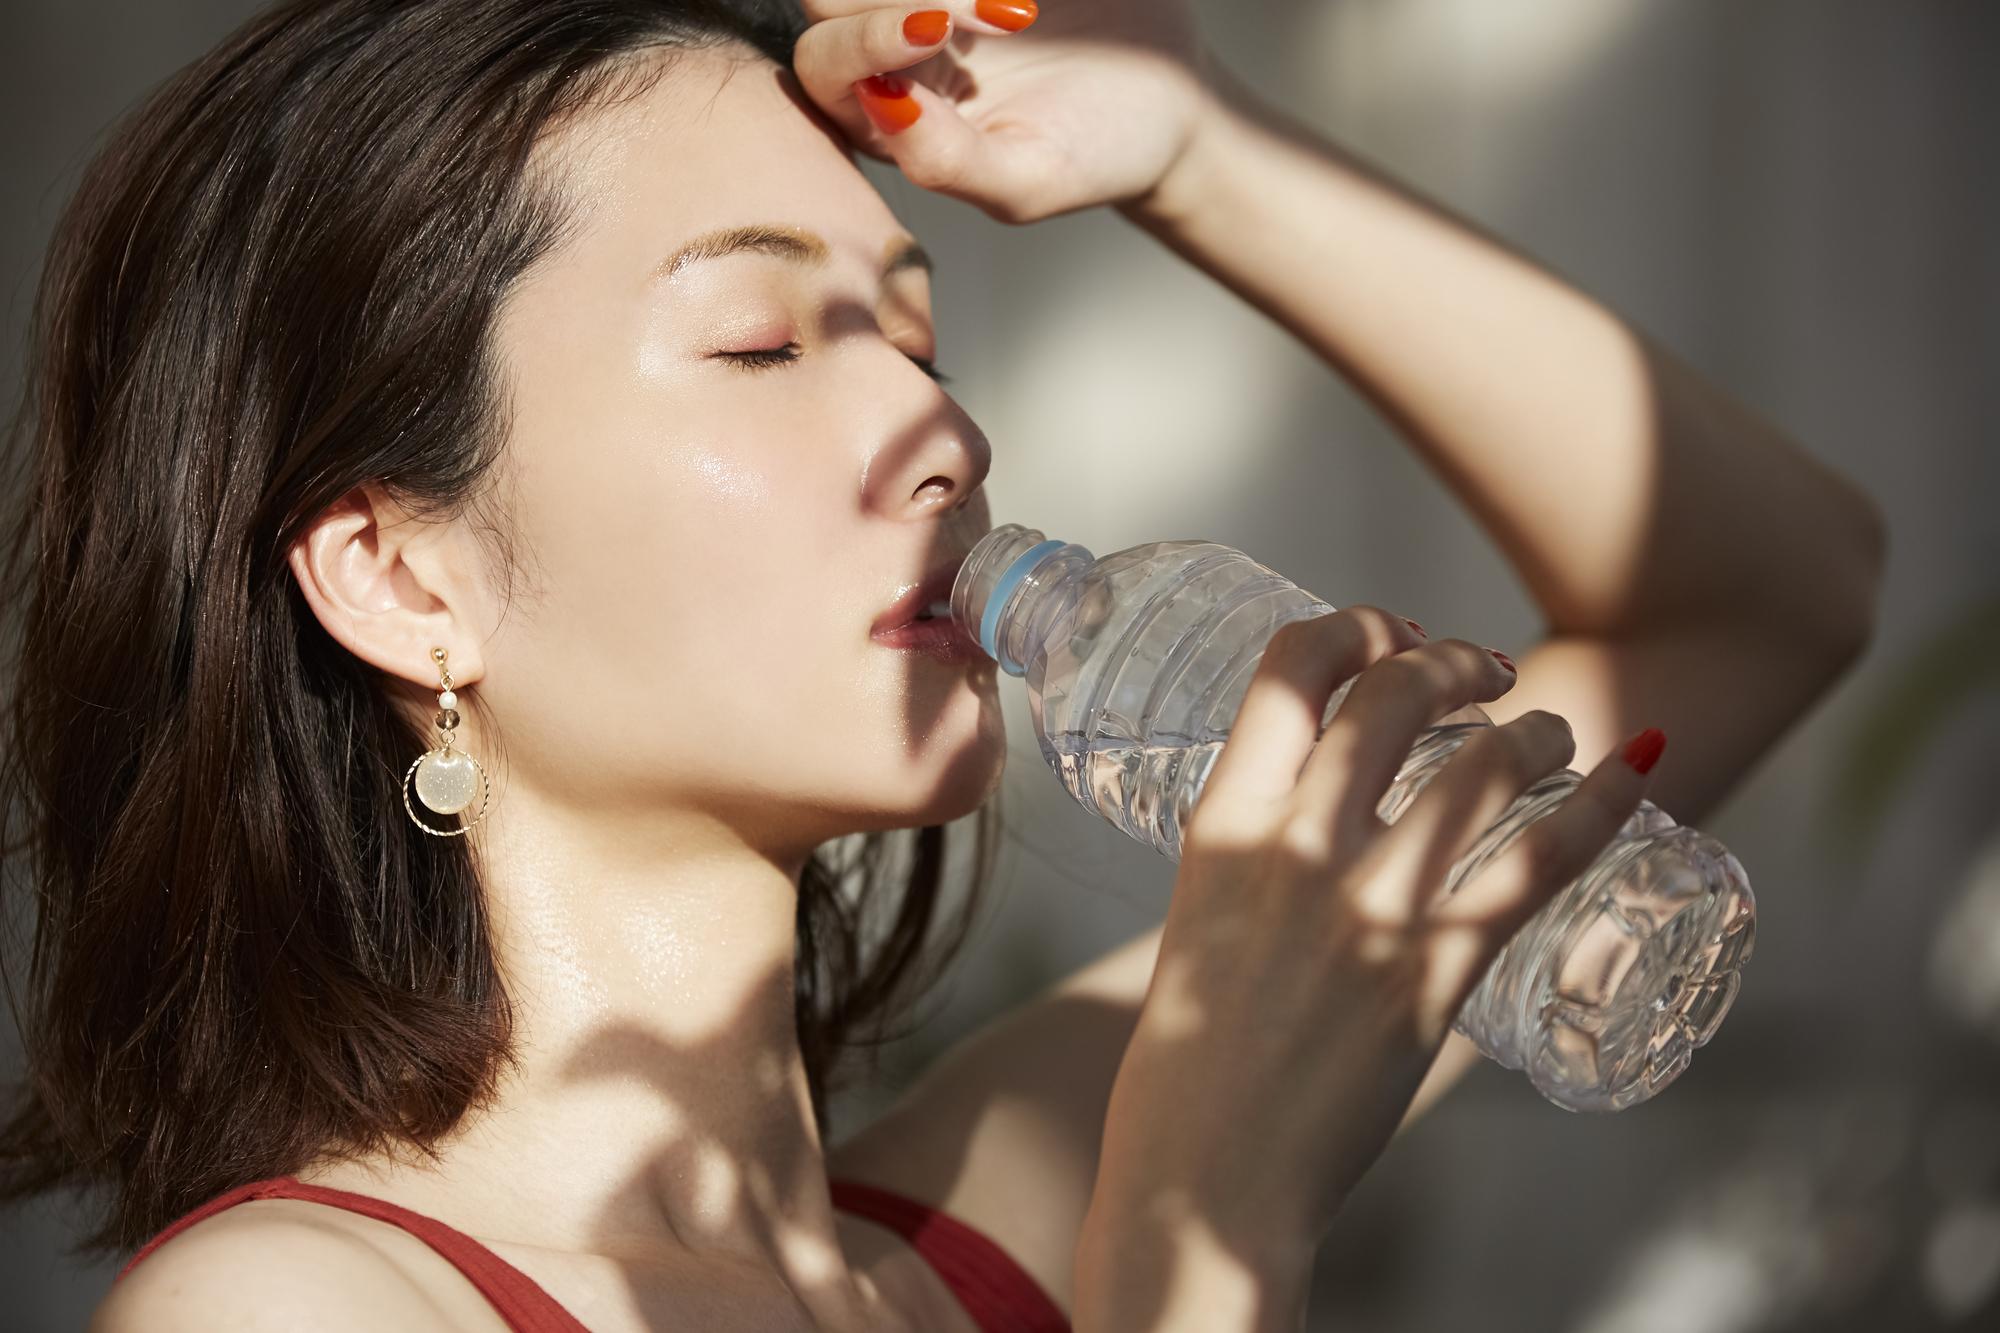 汗を上手にかくために意識したい生活習慣